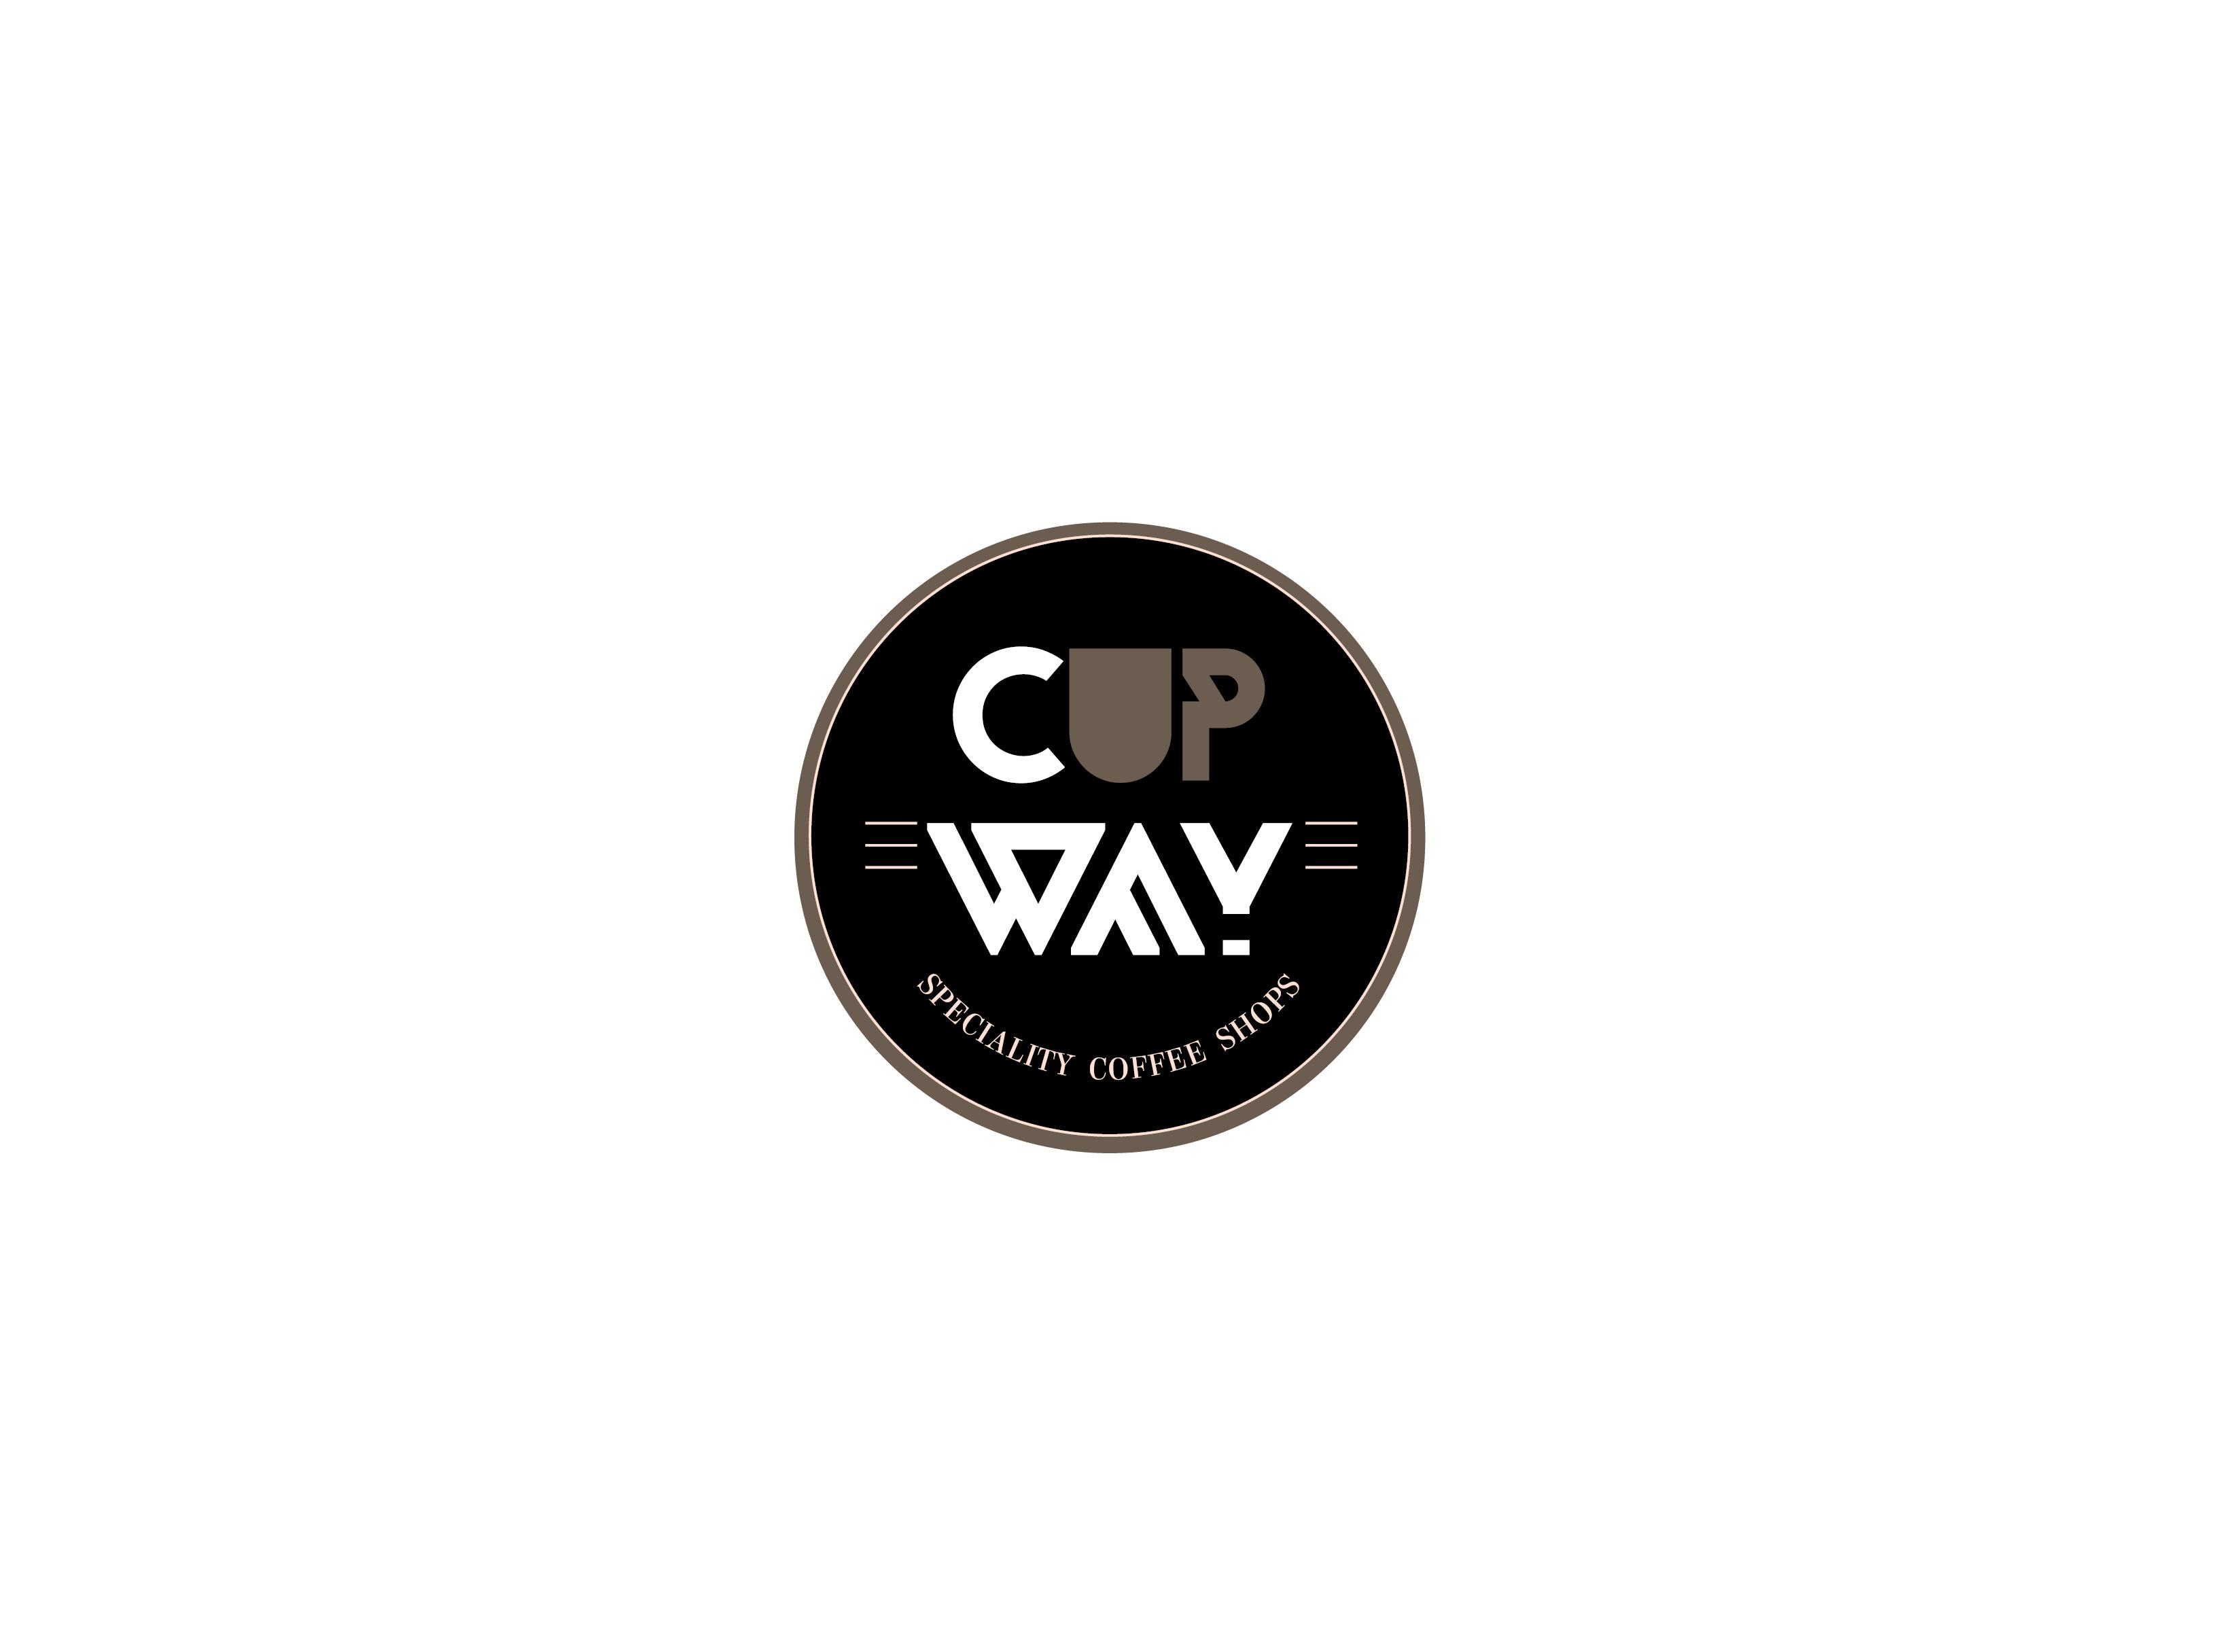 cup way logo